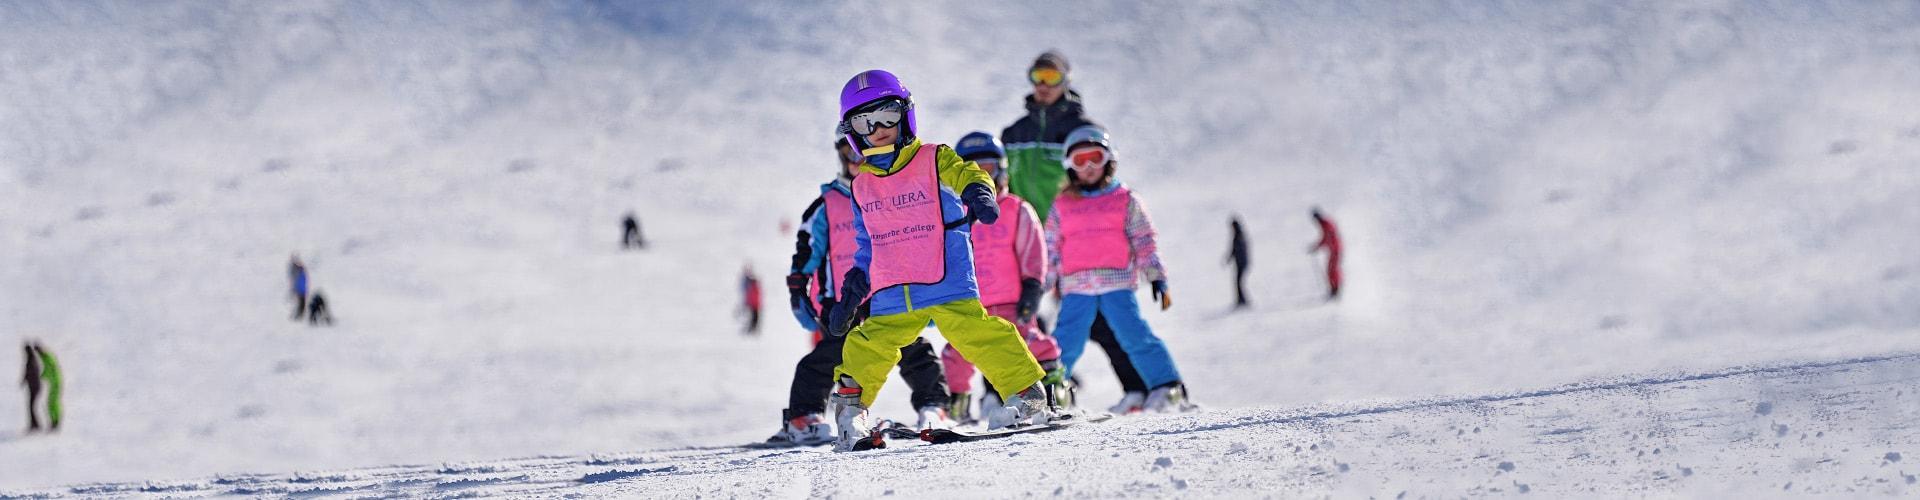 Clases de Esquí para Niños (3-5 años) Debutantes